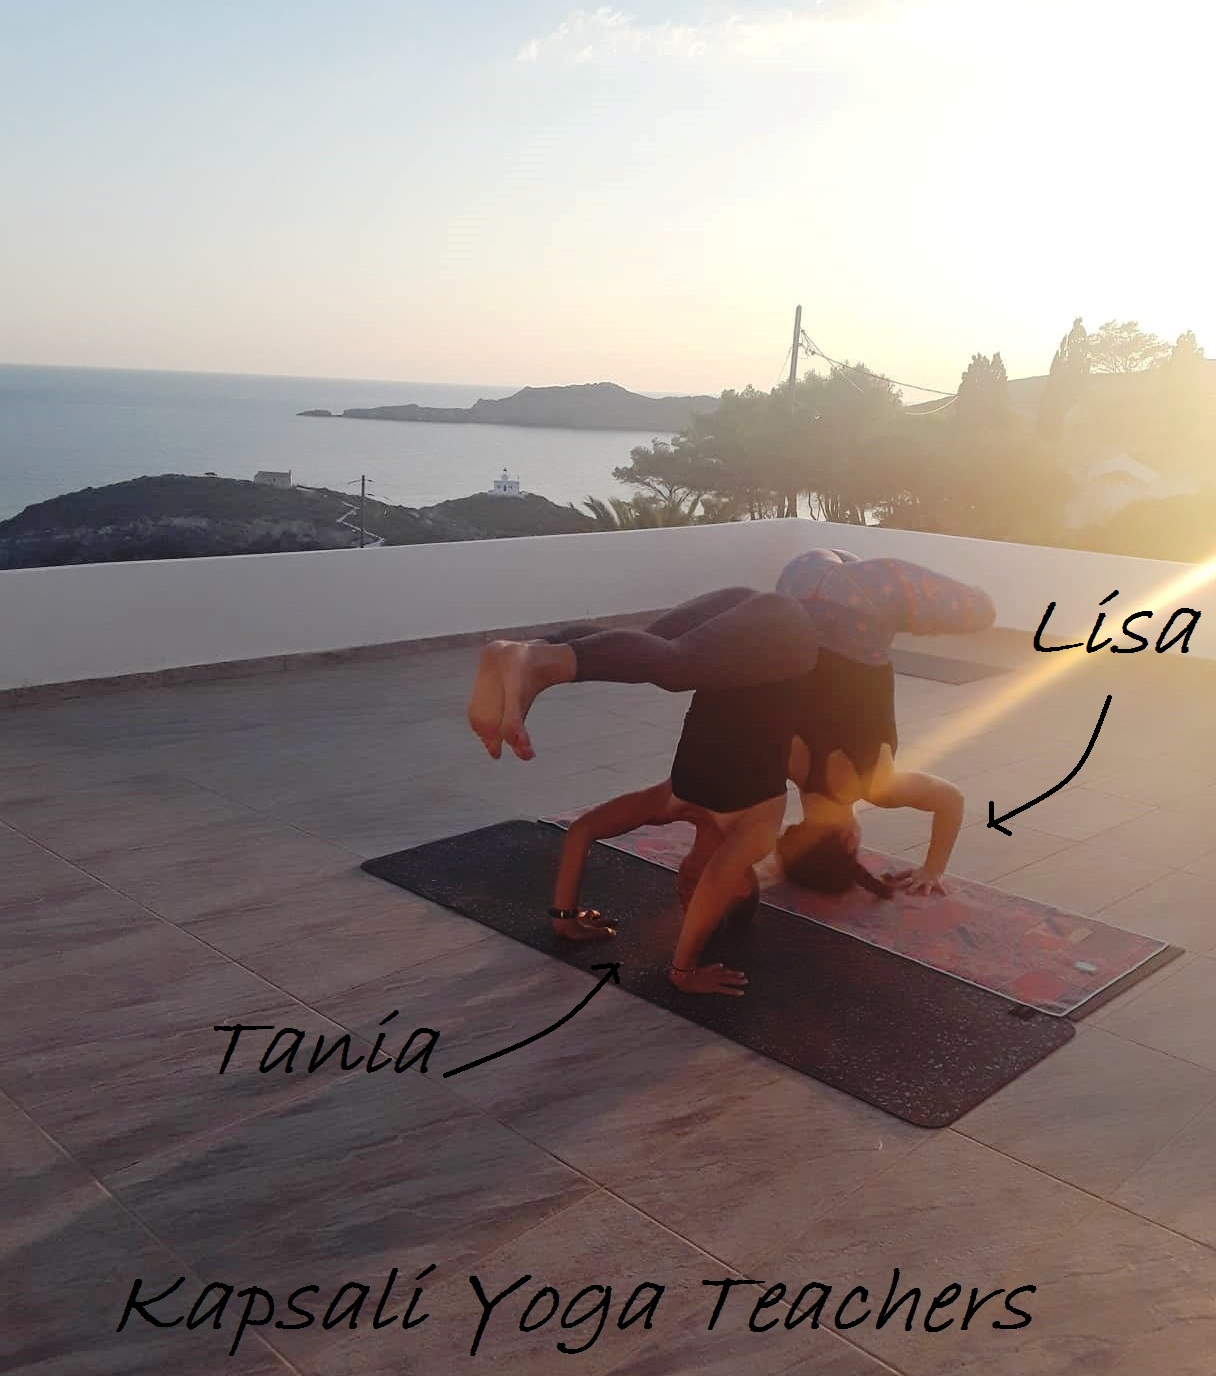 Kapsali Yoga Teachers - Lisa and Tania.jpg